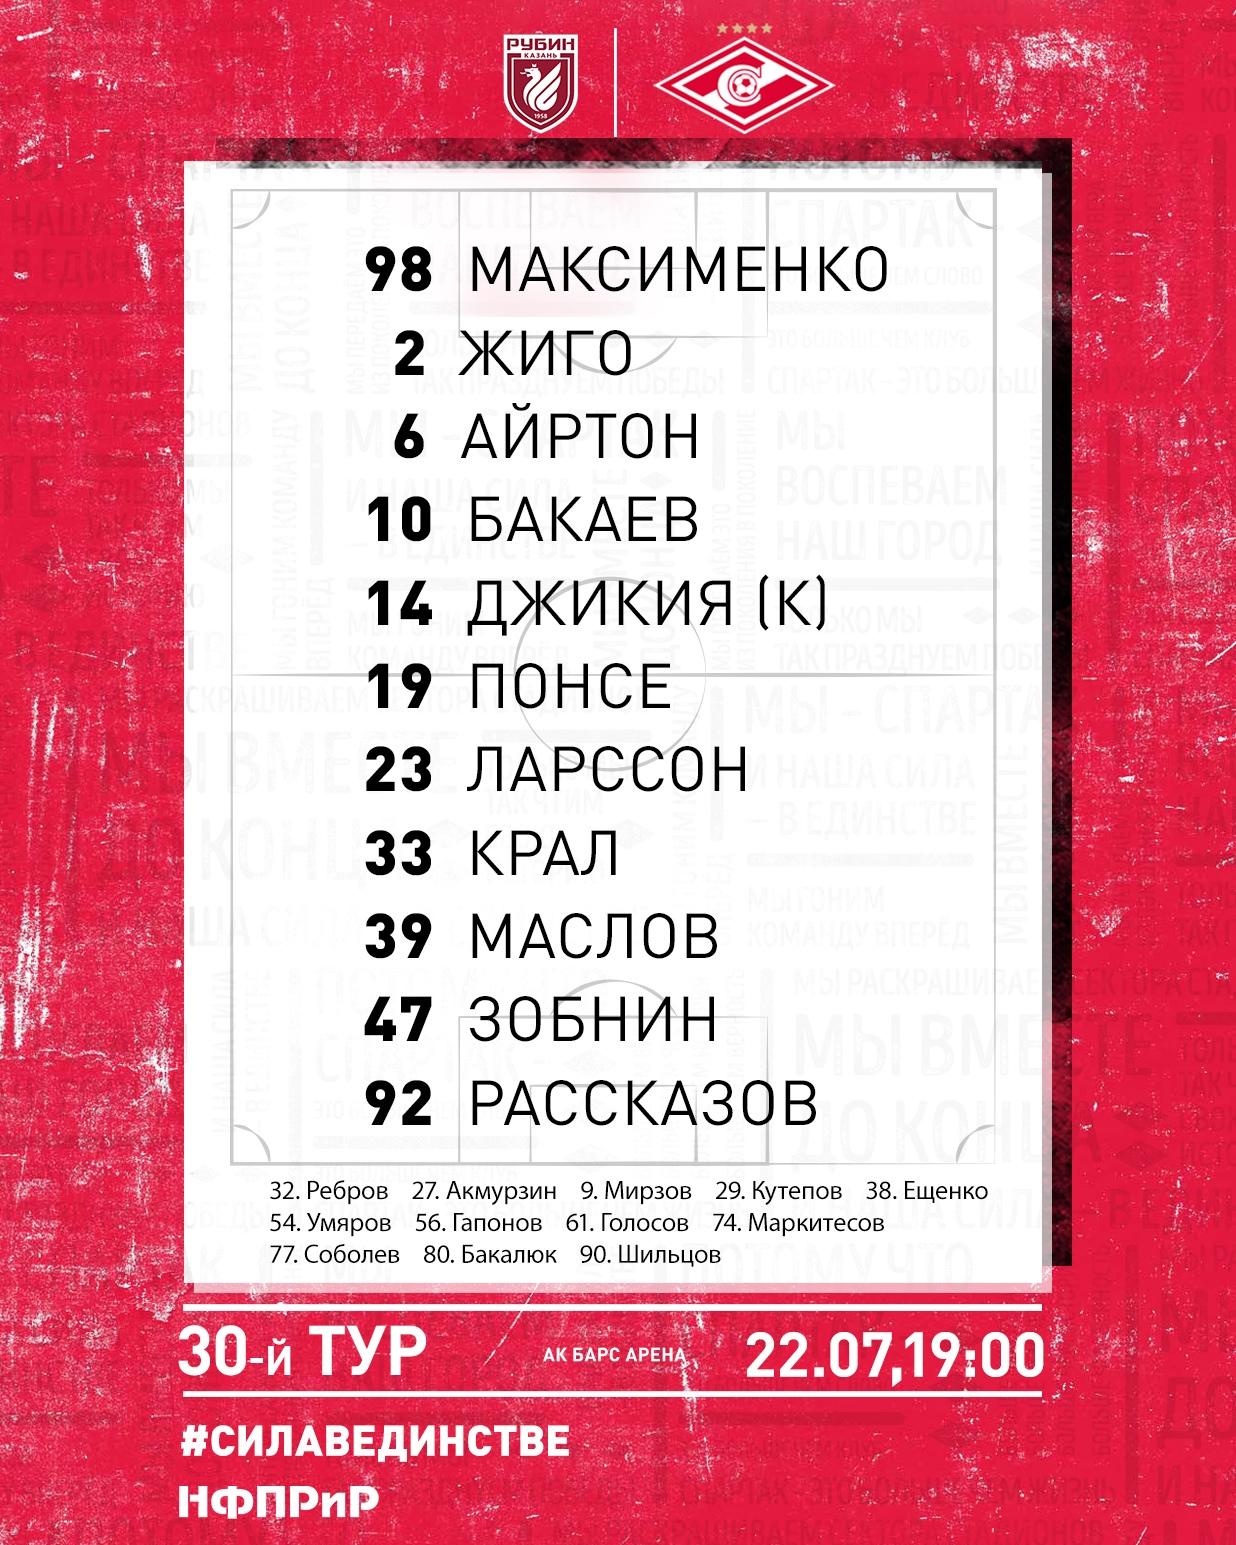 Состав «Спартака» на матч 30-го тура с «Рубином»